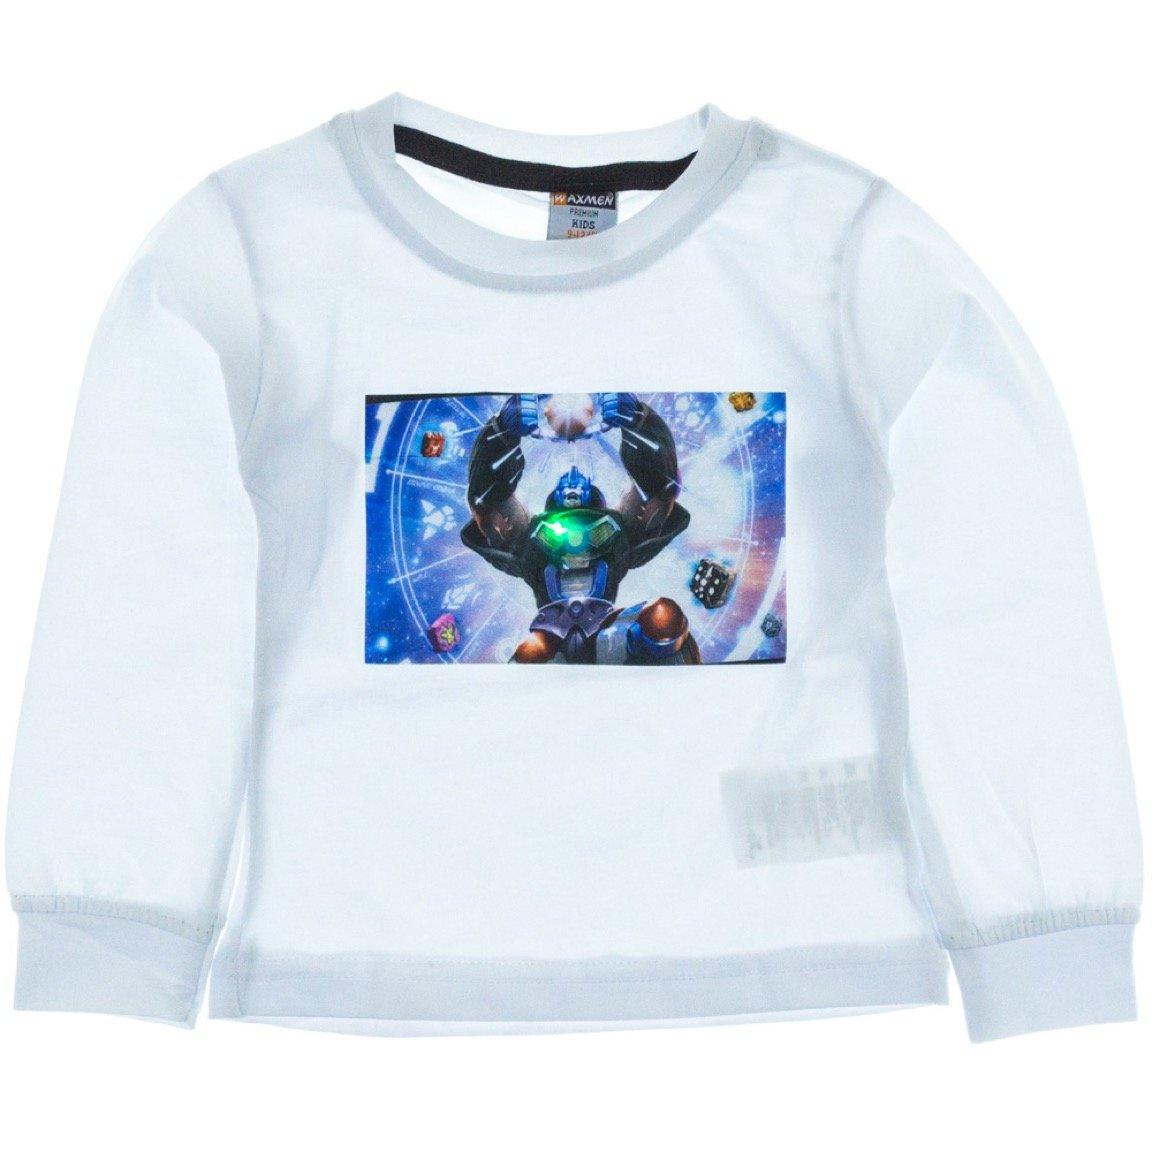 Waxmen παιδική εποχιακή μπλούζα με φωτάκια «White Robot»